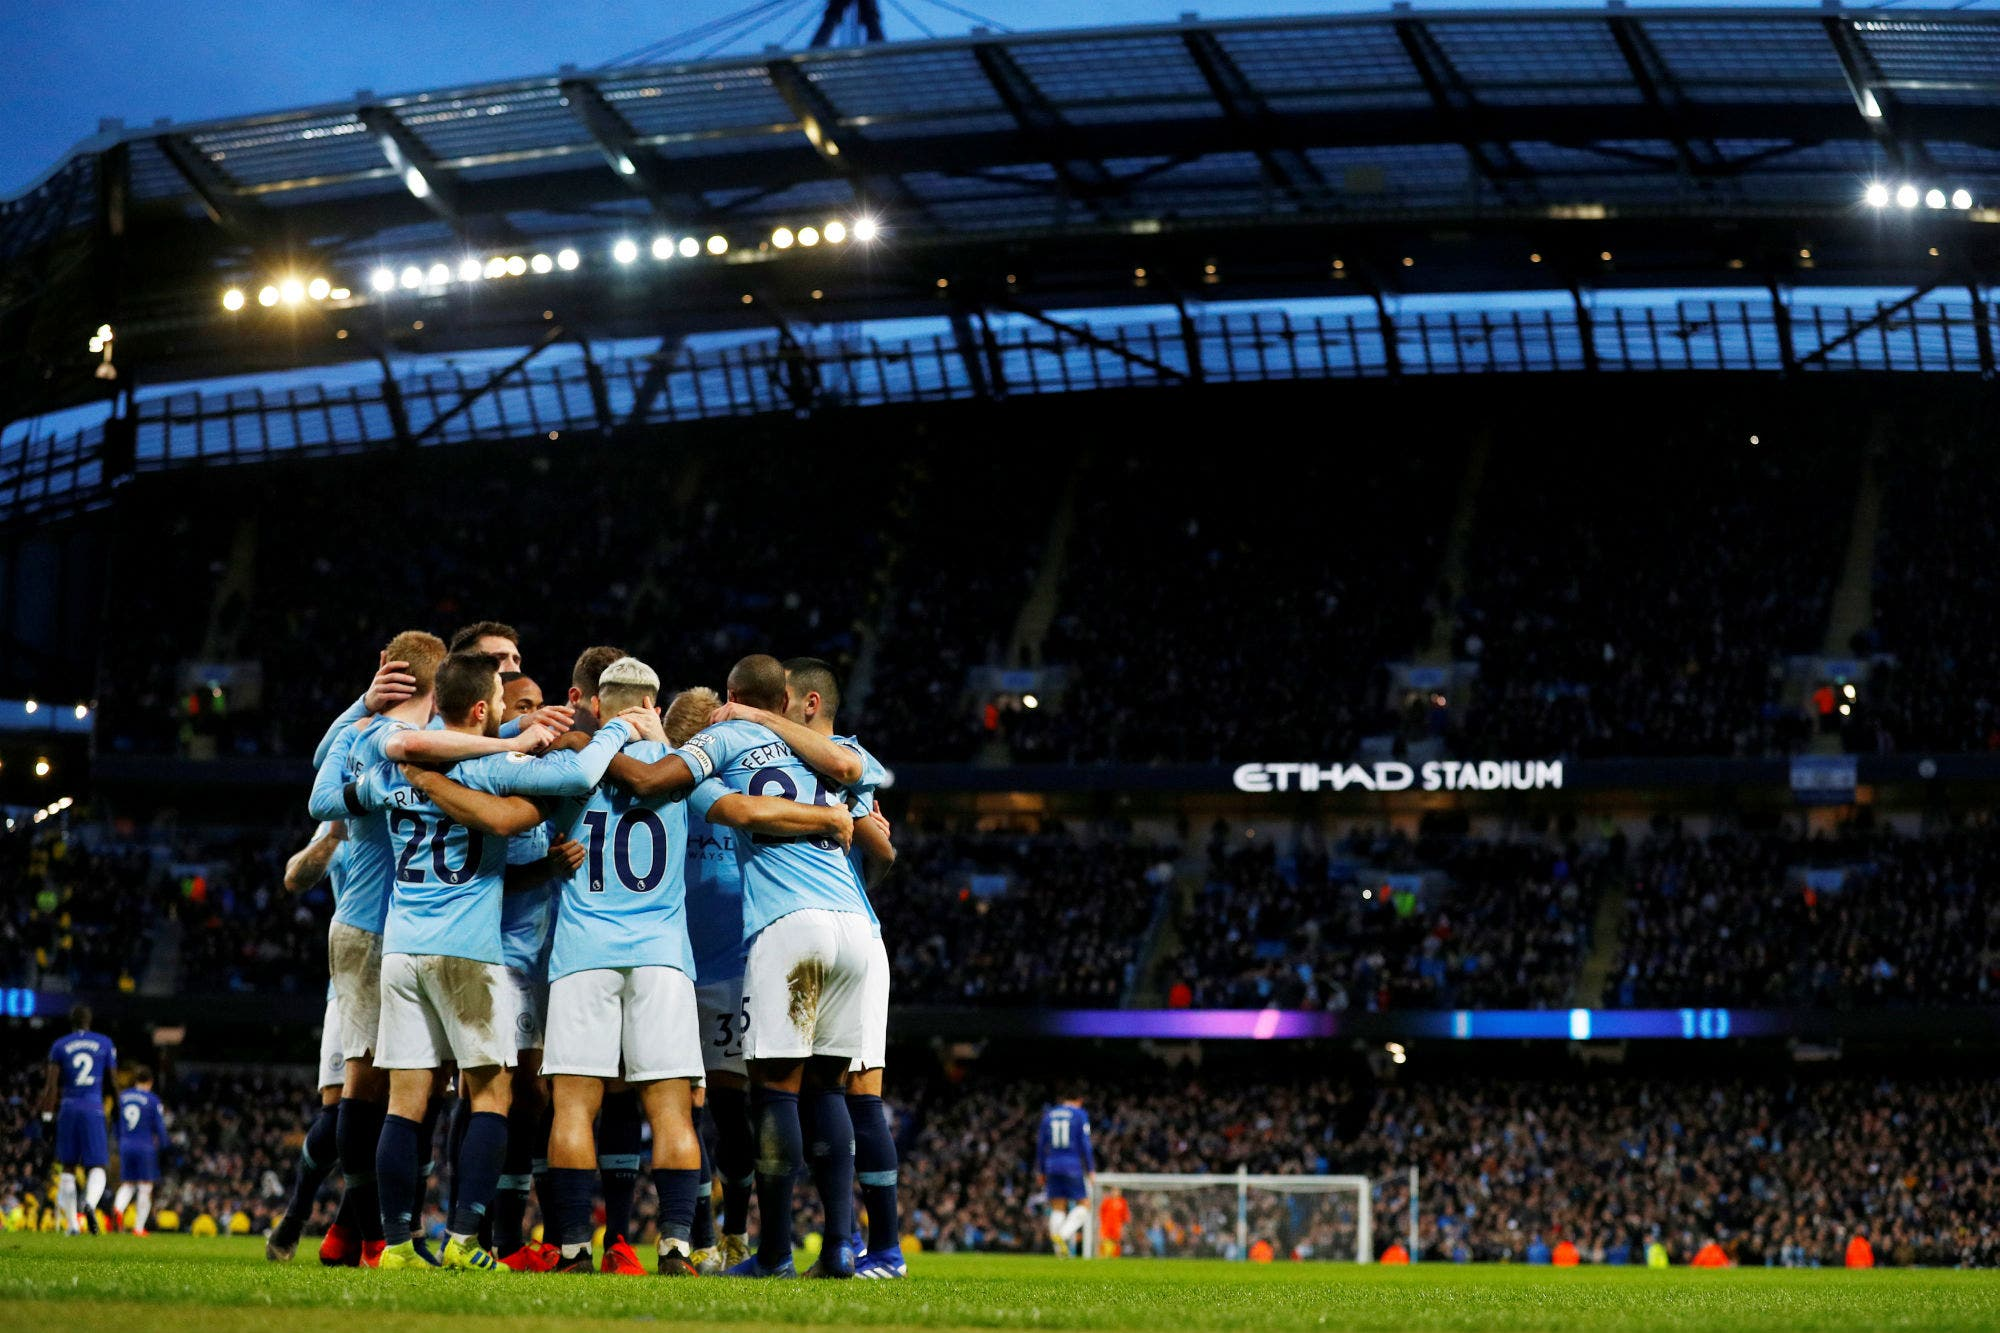 Qué dijo el Manchester City luego de la sanción que le impuso la UEFA